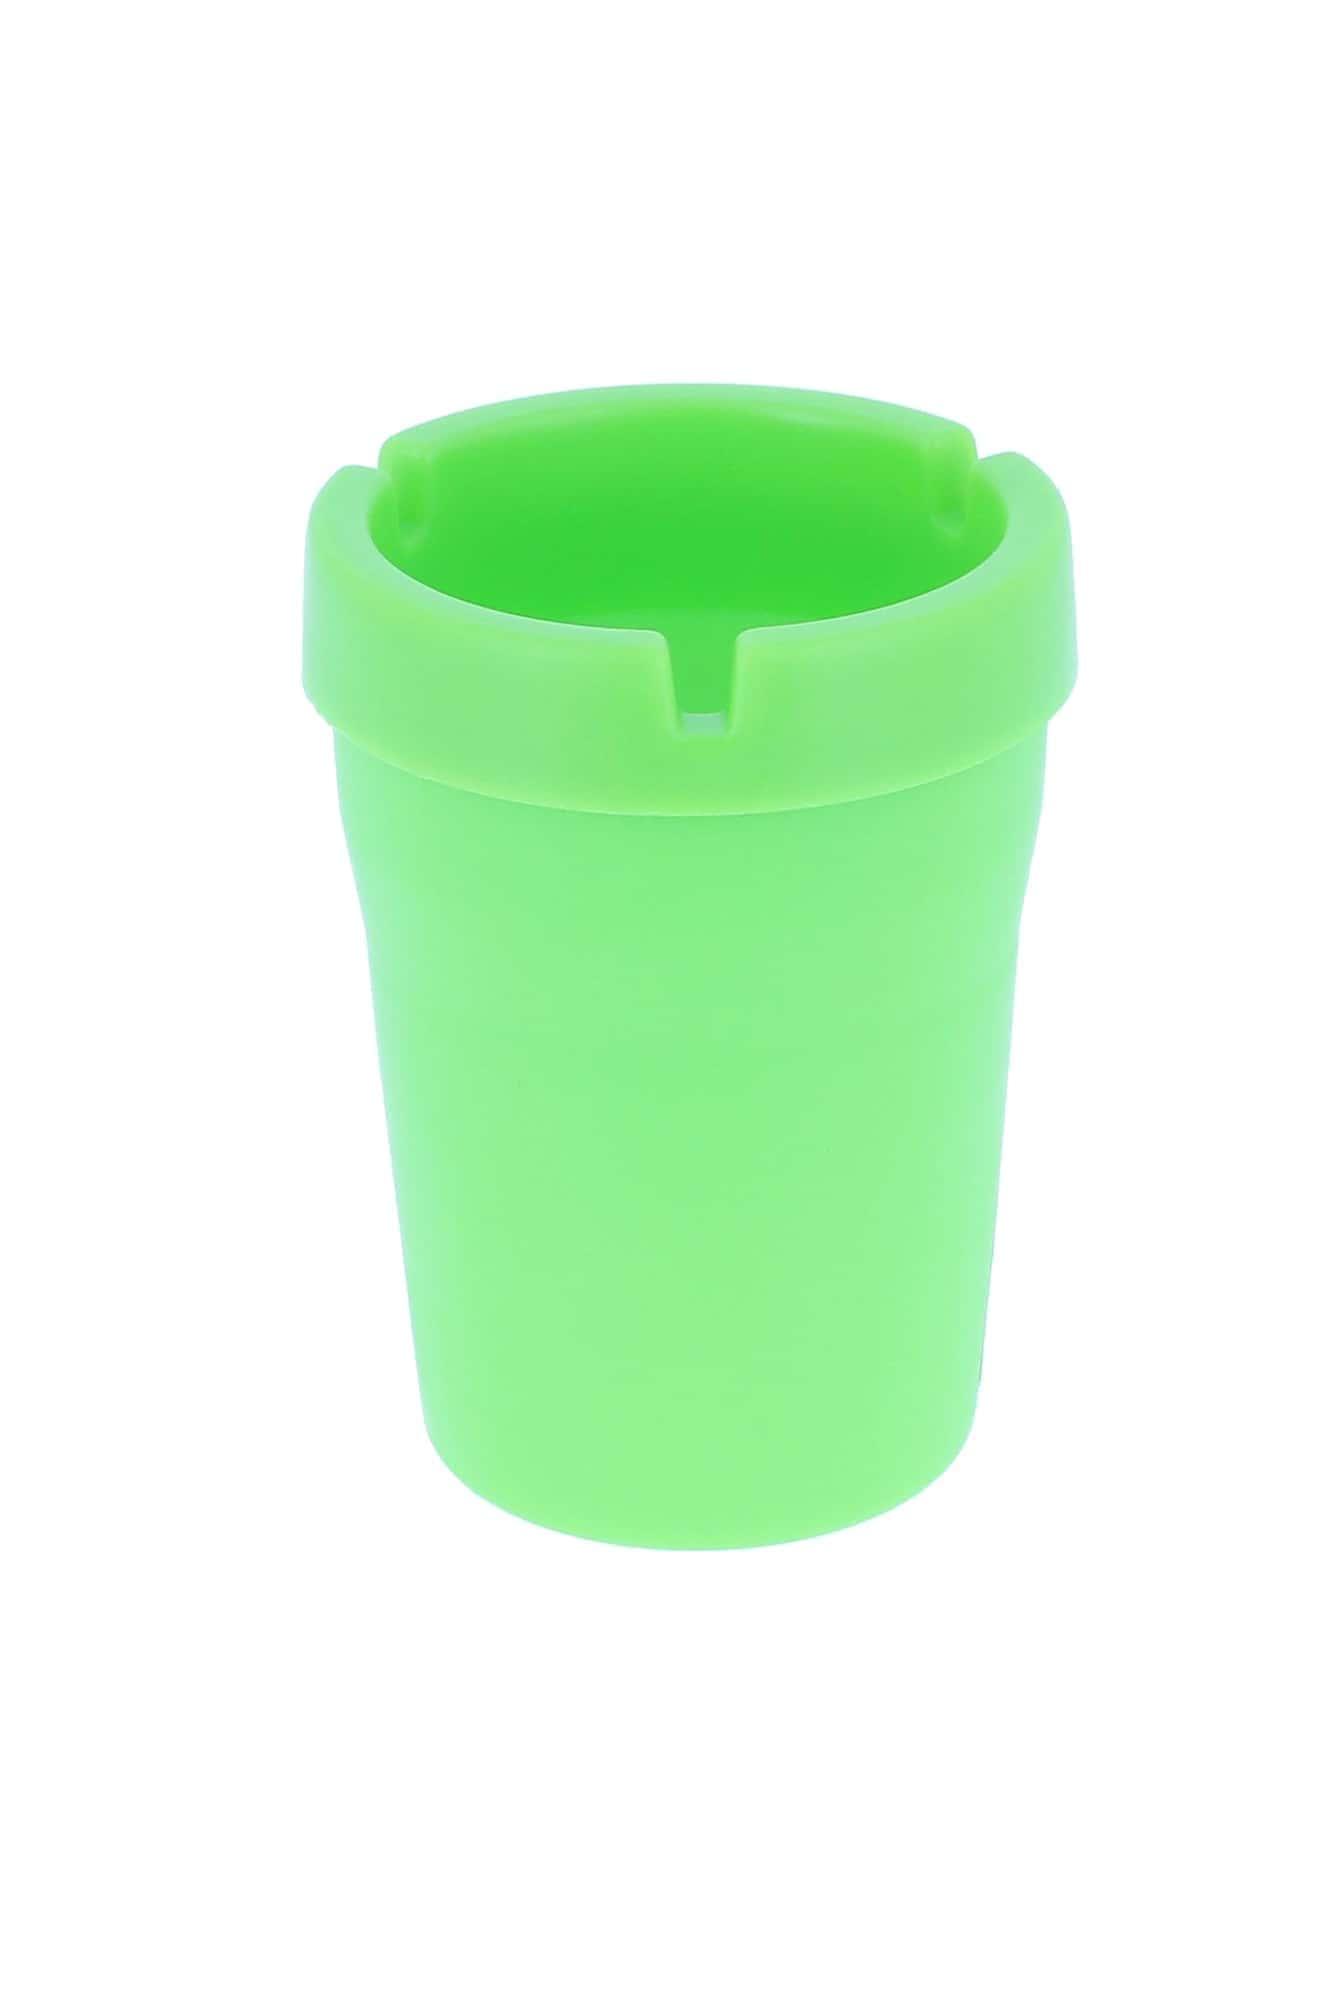 Cendrier exterieur design vert 3 95 for Exterieur vert targetti